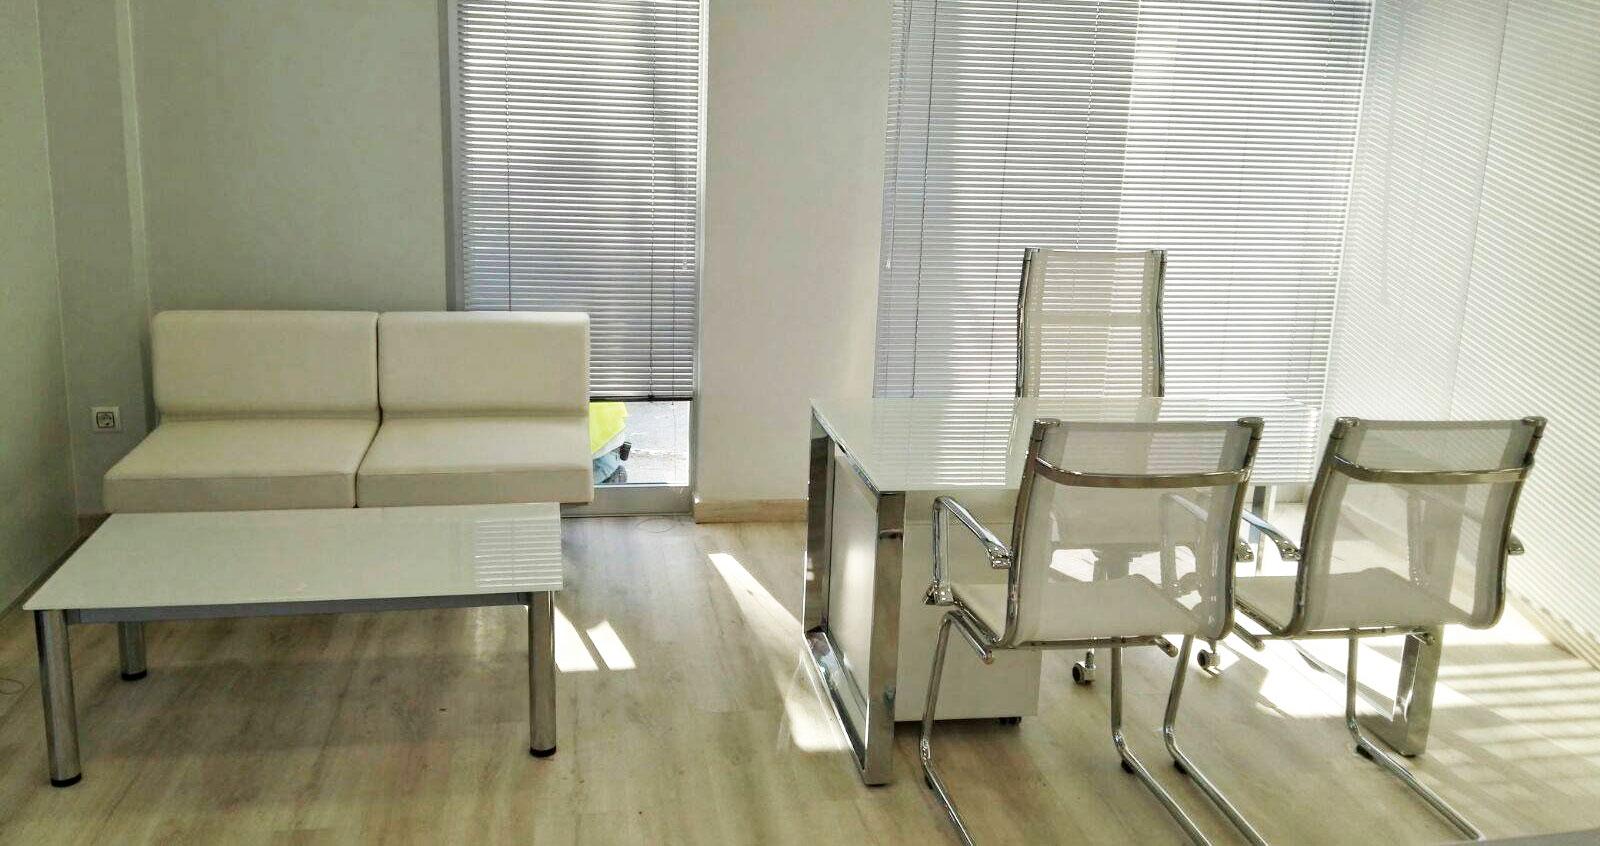 proyecto-oficox-oficina-san-juan-despacho-direccion